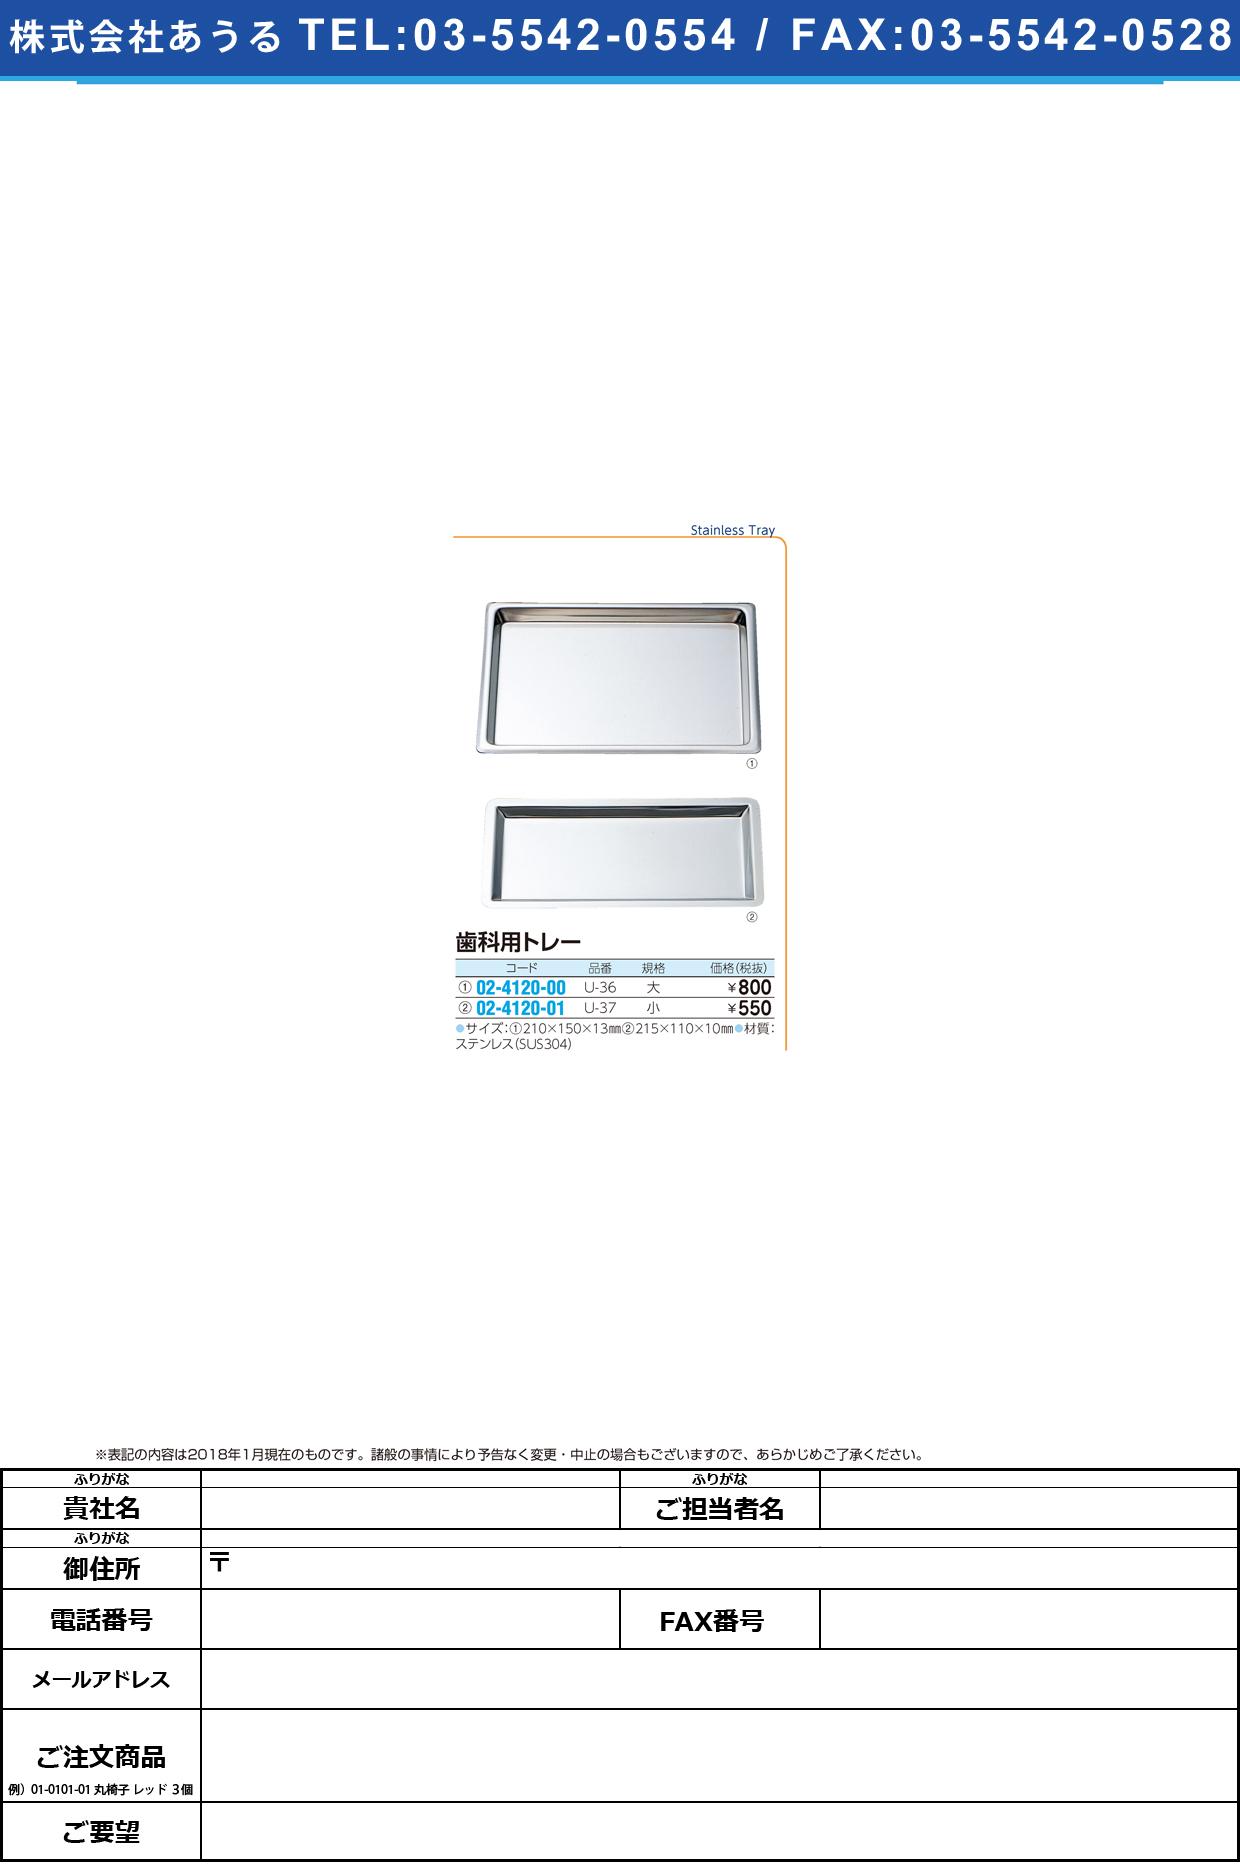 (02-4120-00)歯科用トレー(大) U-36(210X150X10MM) シカヨウトレー【1個単位】【2018年カタログ商品】